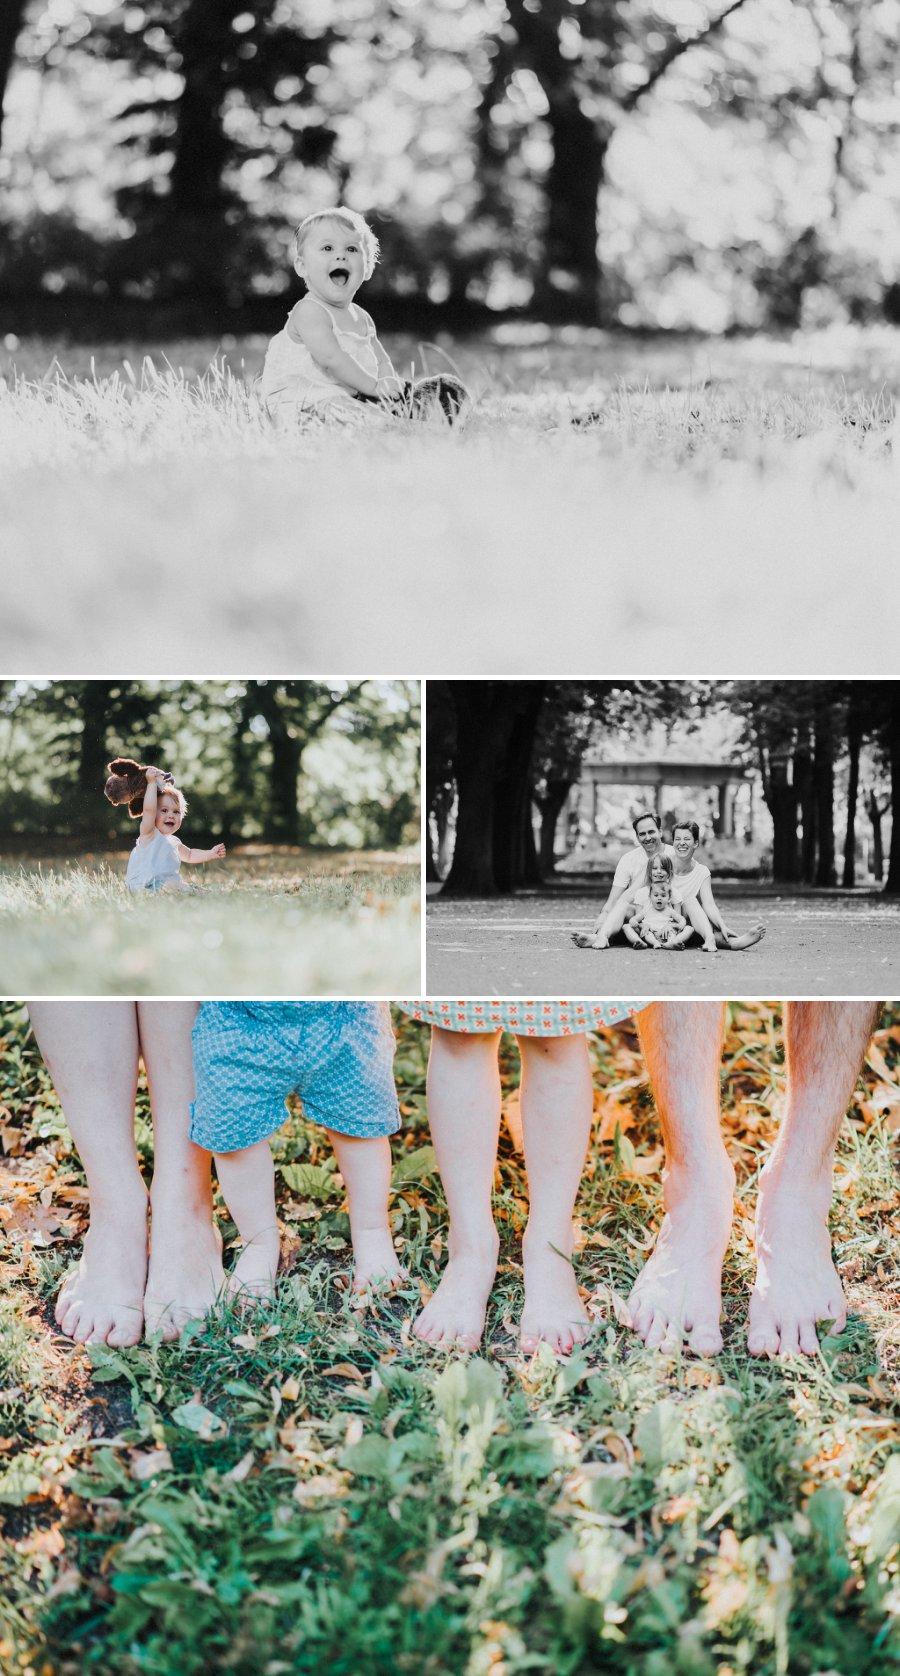 bunte Collage eines Familienshootings in Berlin mit CloseUp der Füße, auf den Boden sitzend, in der Sonne spielend